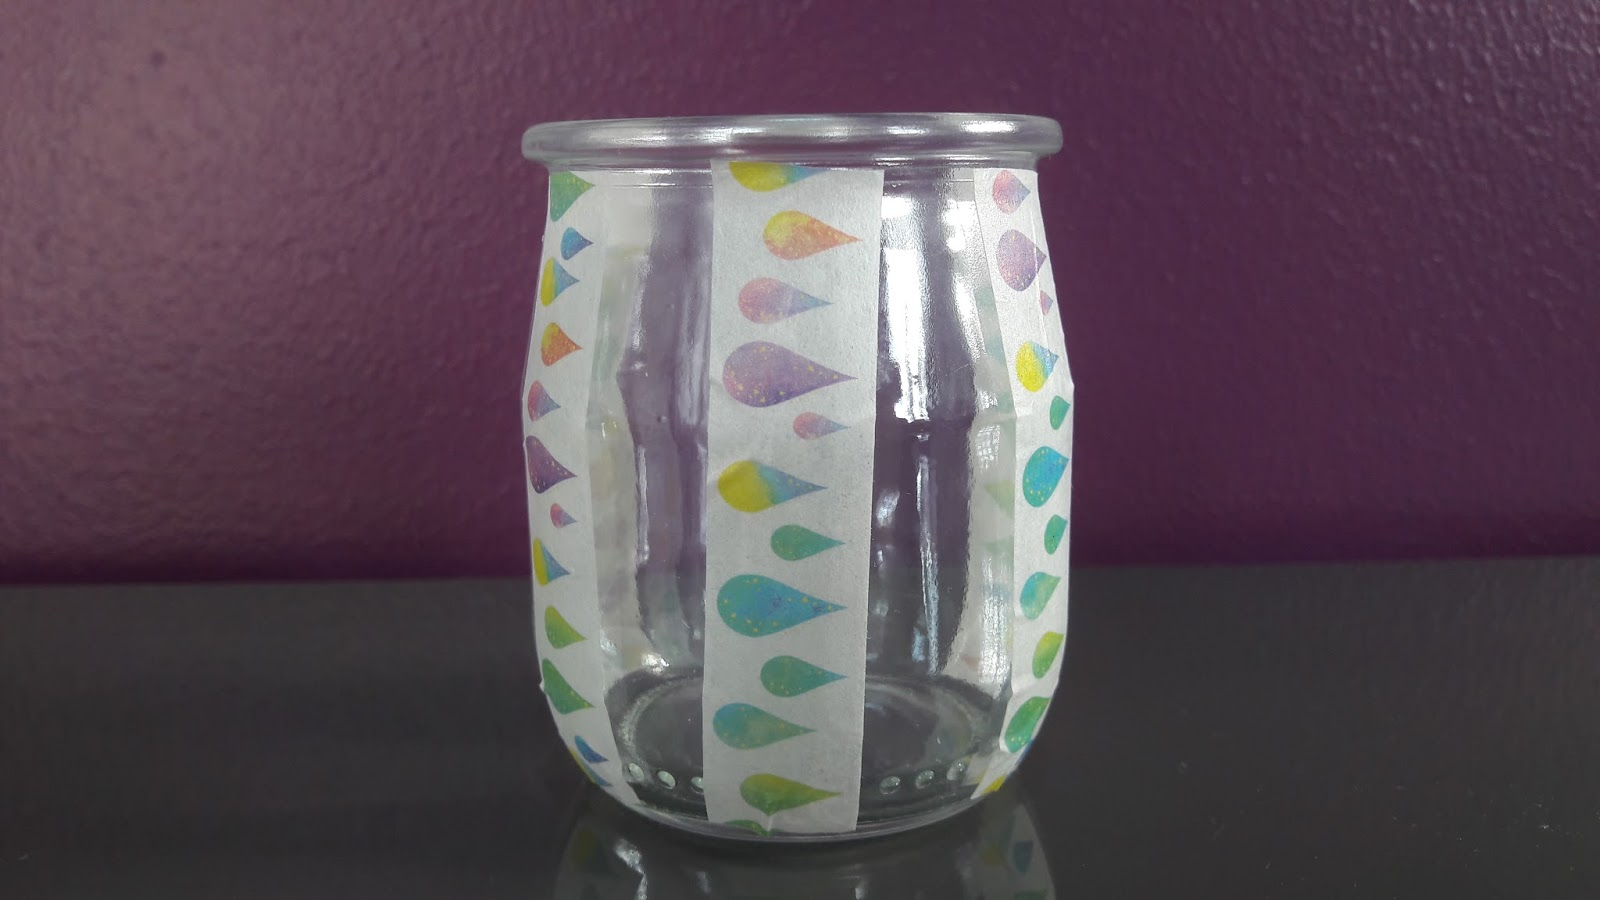 Nous customisons ensuite le pot de yaourt en verre avec un masking tape  gouttes multicolores Pour cela nous appliquons verticalement 6 bandes de la